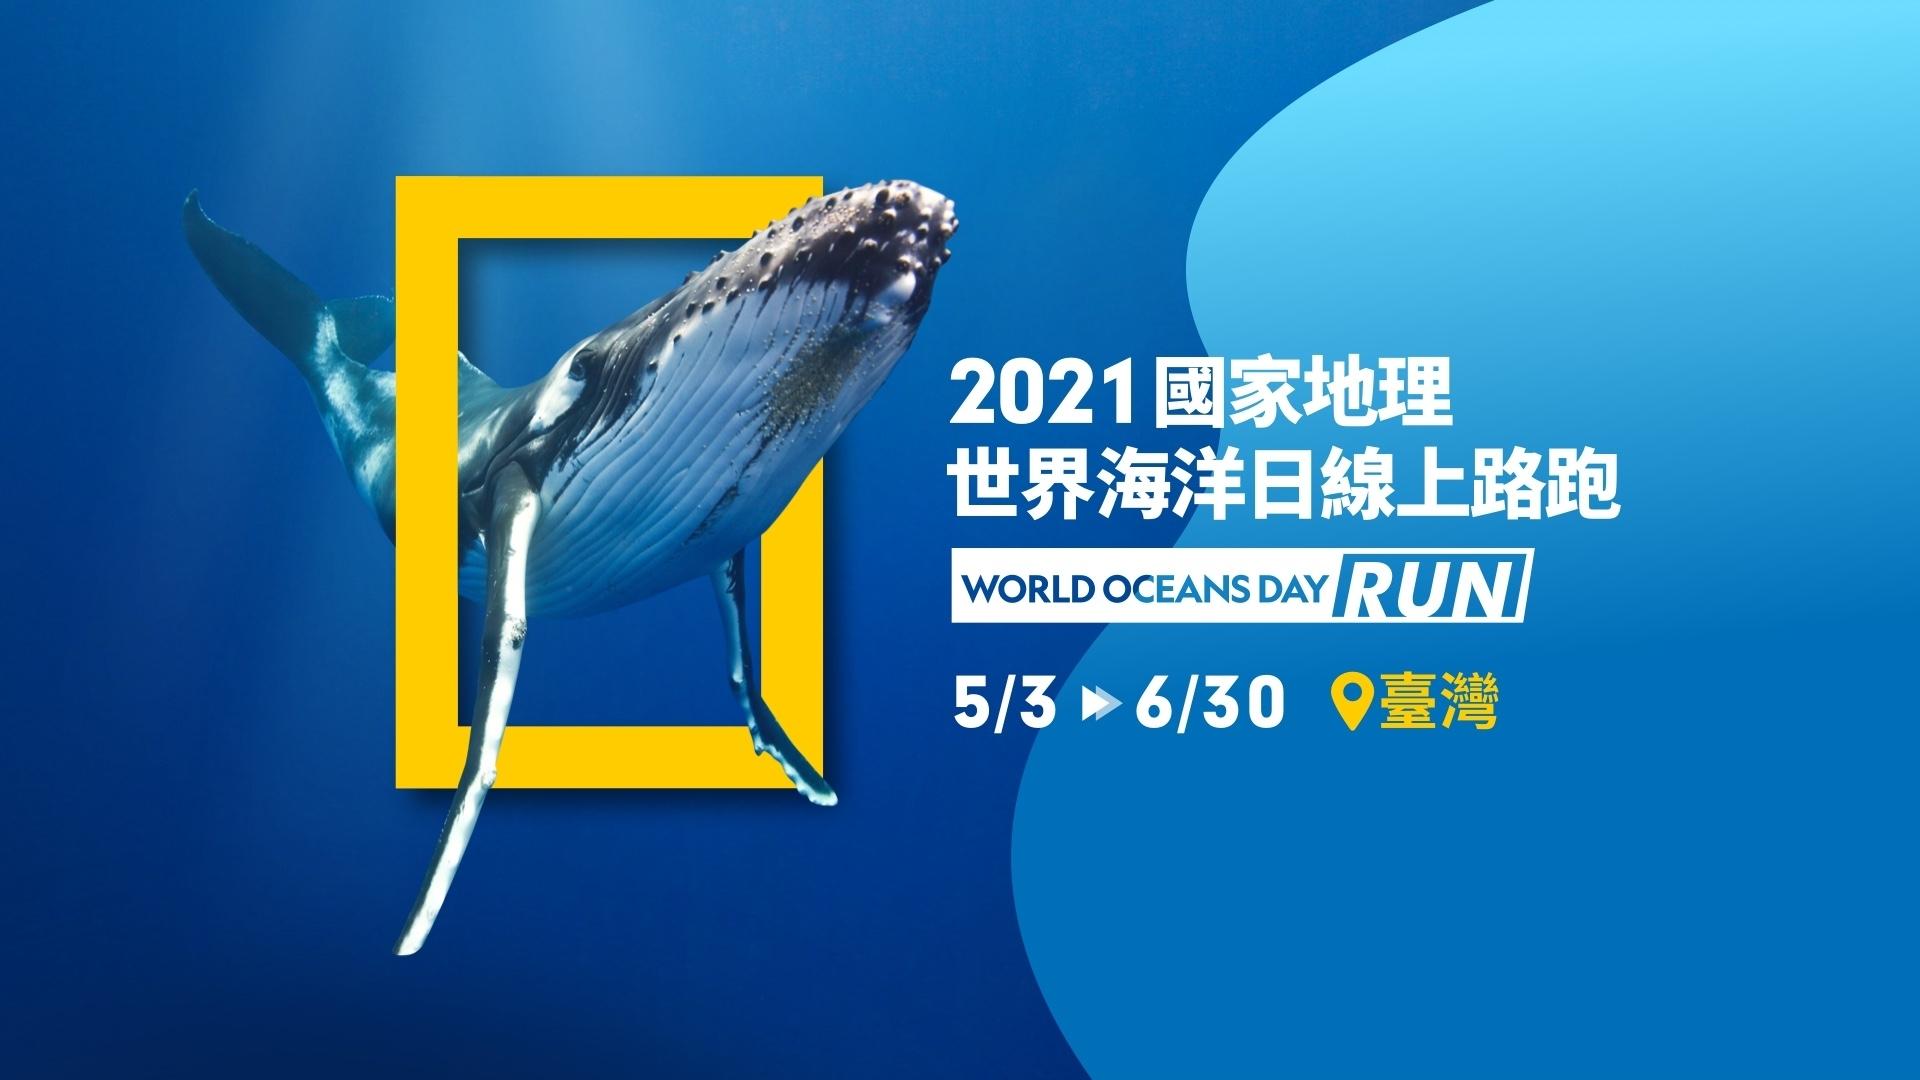 2021國家地理世界海洋日線上路跑